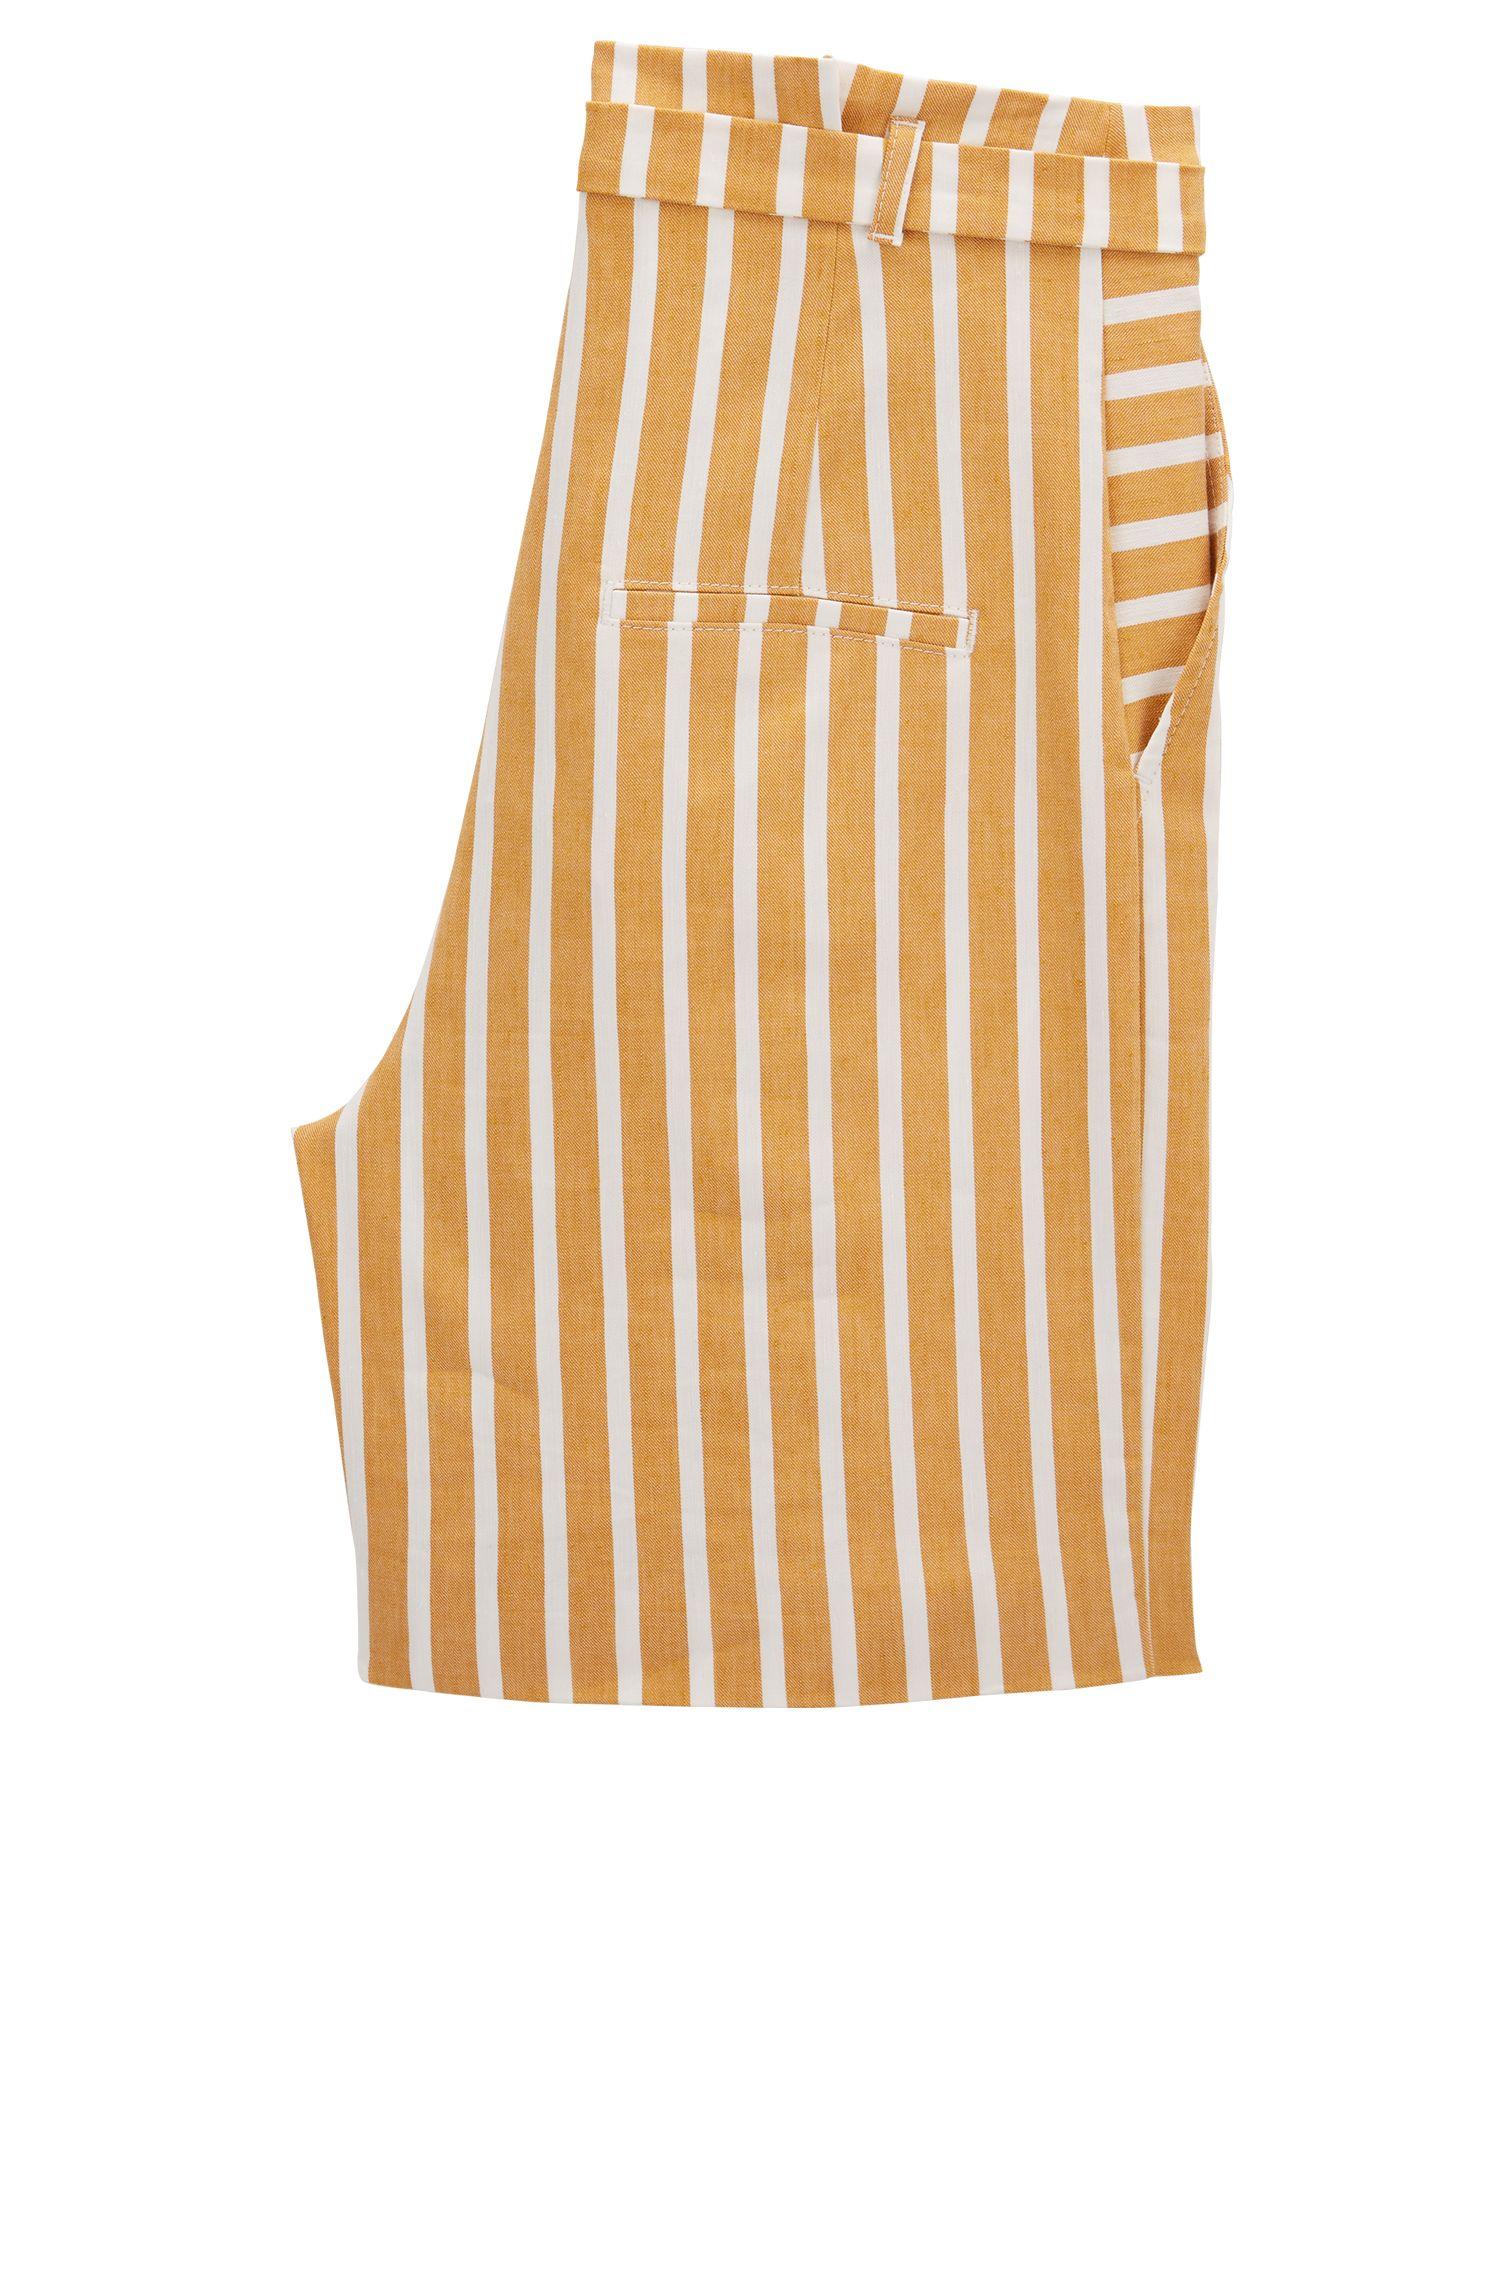 Gestreifte Shorts aus elastischem Leinen-Mix mit Faltenbund